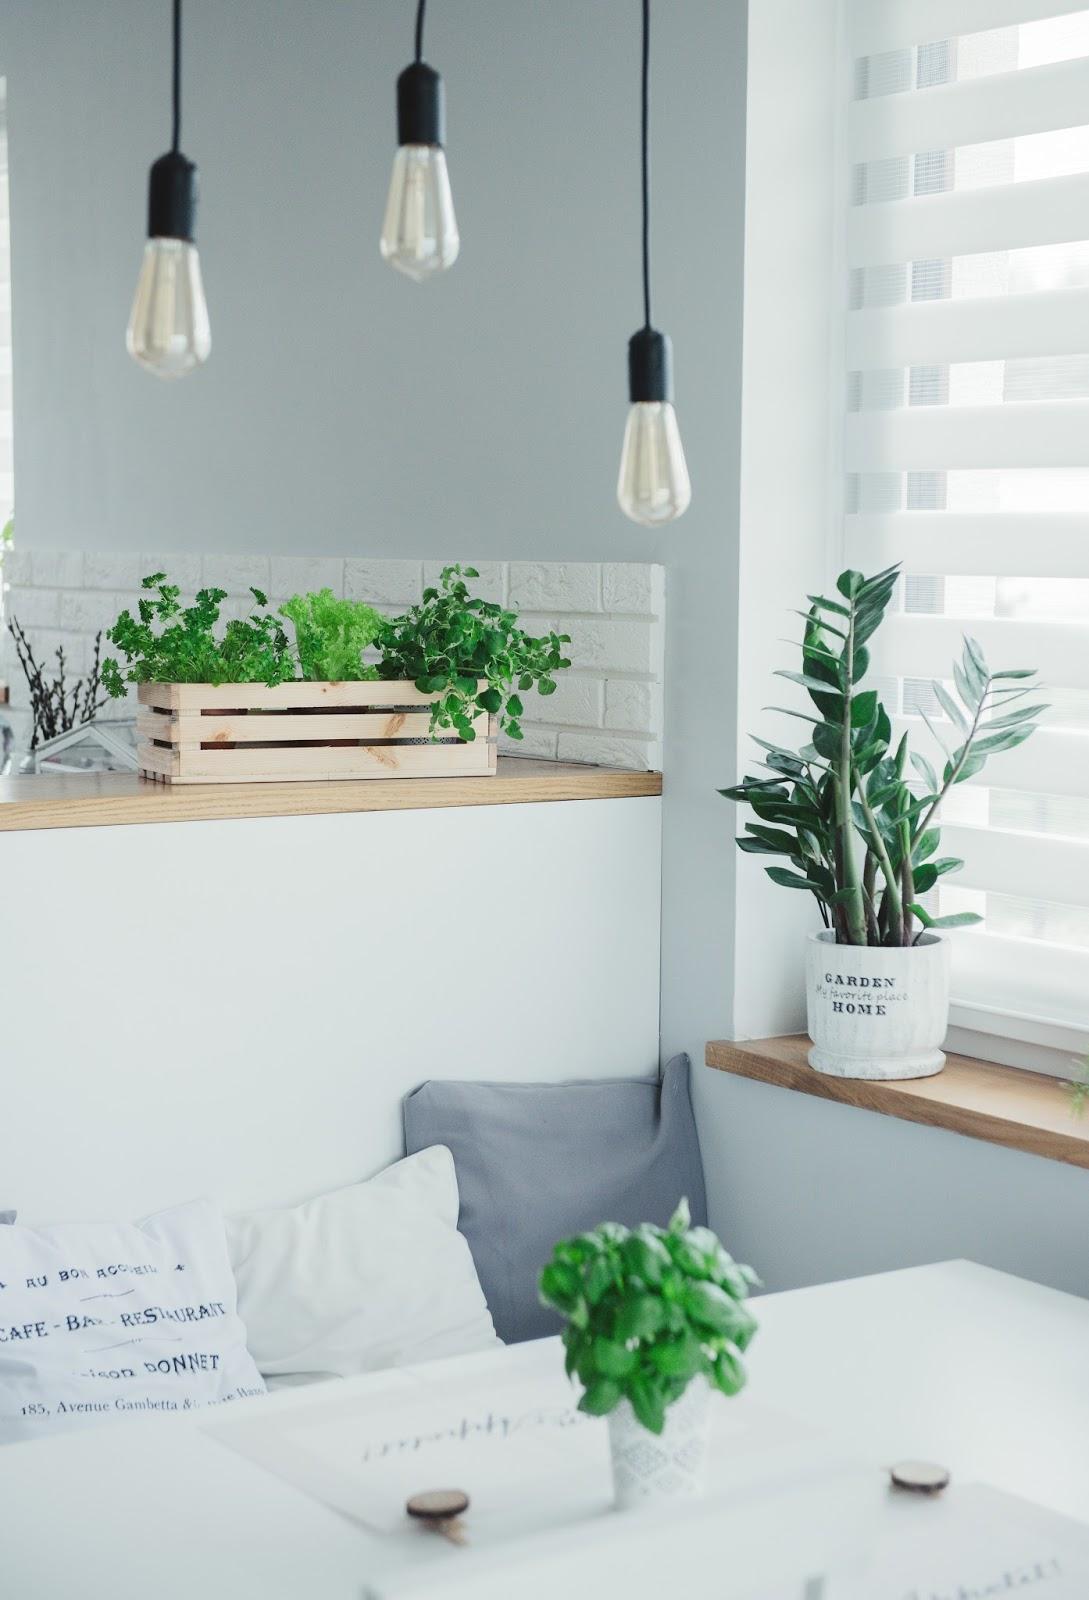 DREWNIANA LAMPA W STYLU LOFT DO SALONU - DIY